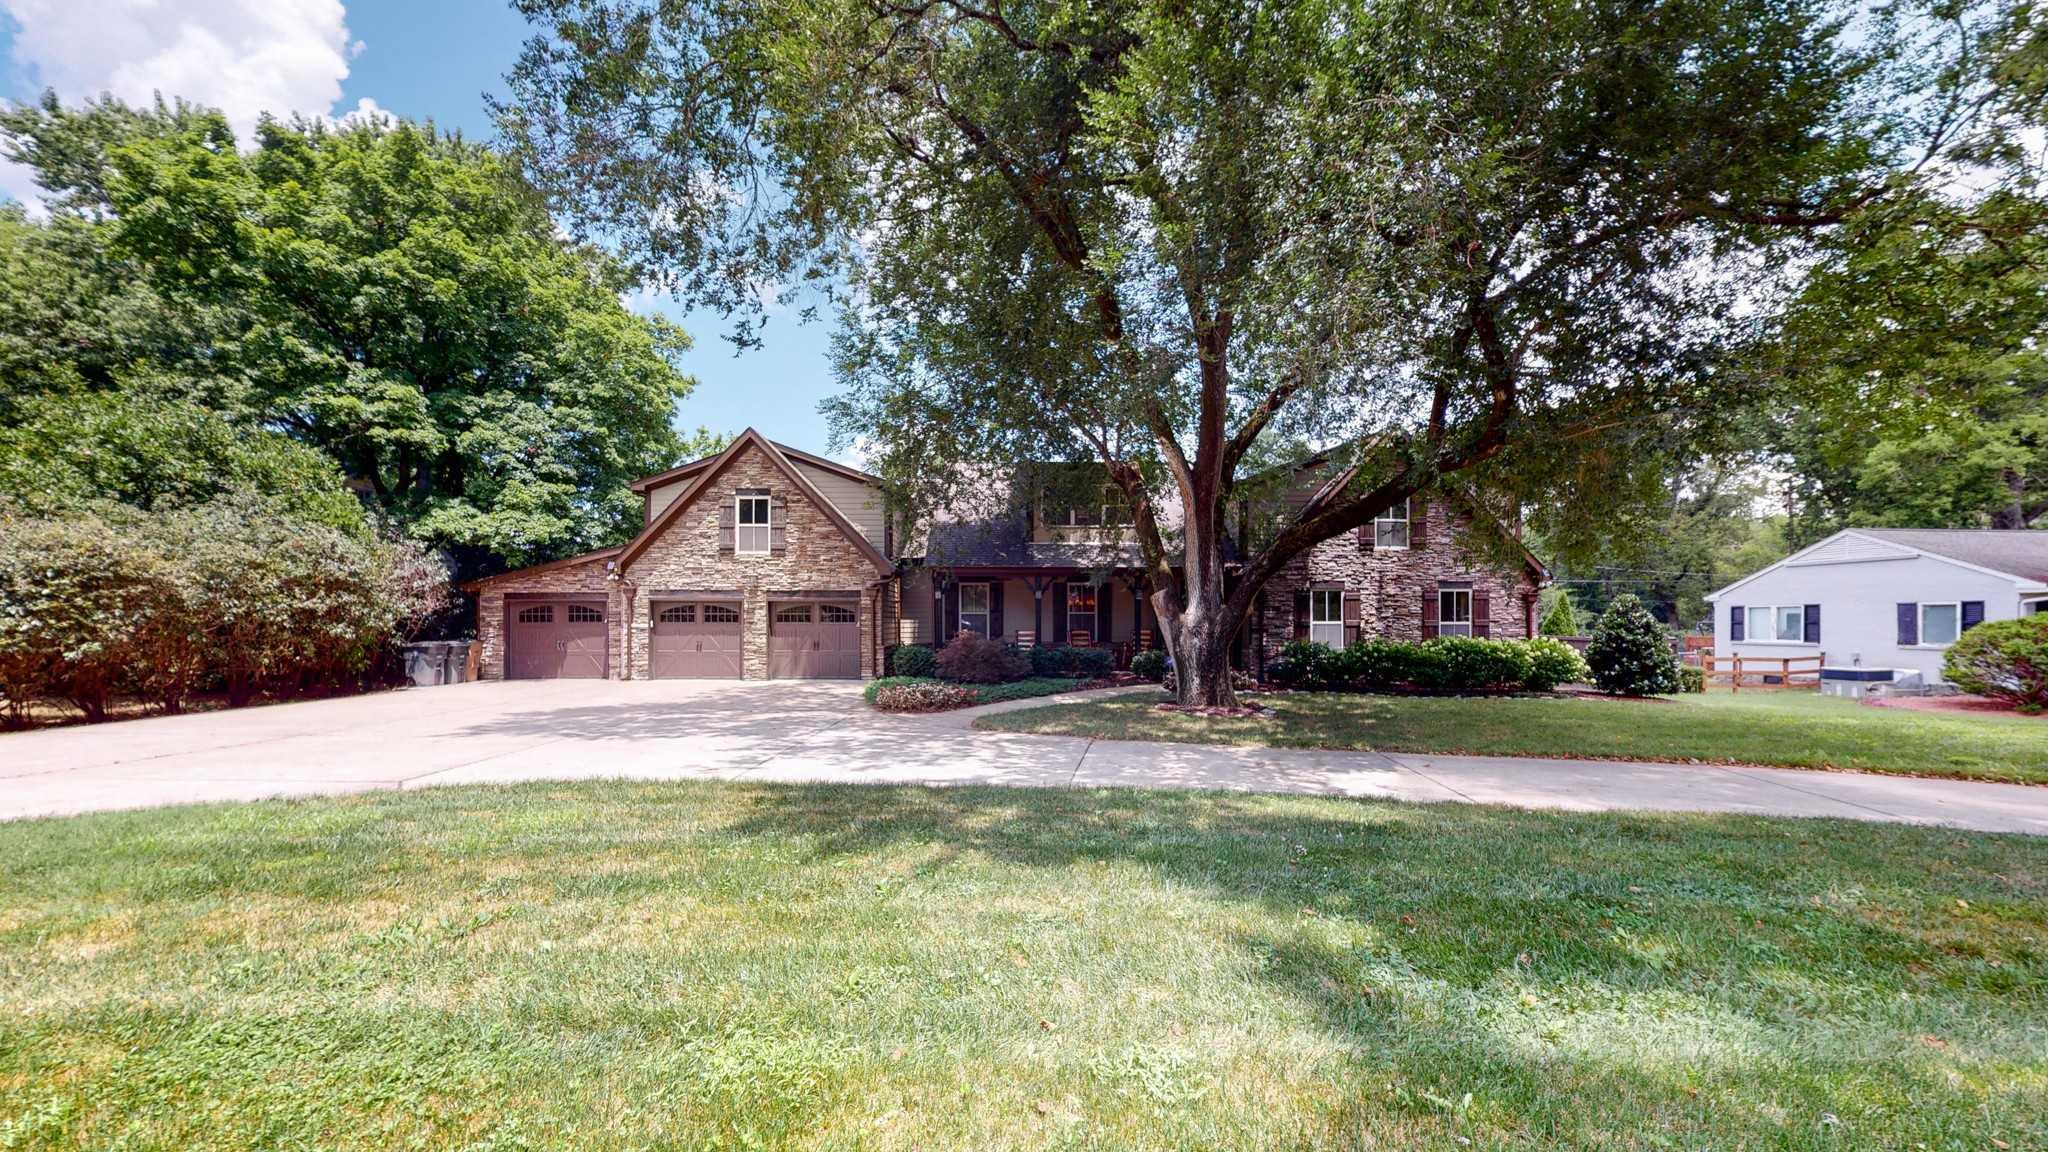 $2,600,000 - 5Br/5Ba -  for Sale in Highlands Of Belle Meade, Nashville